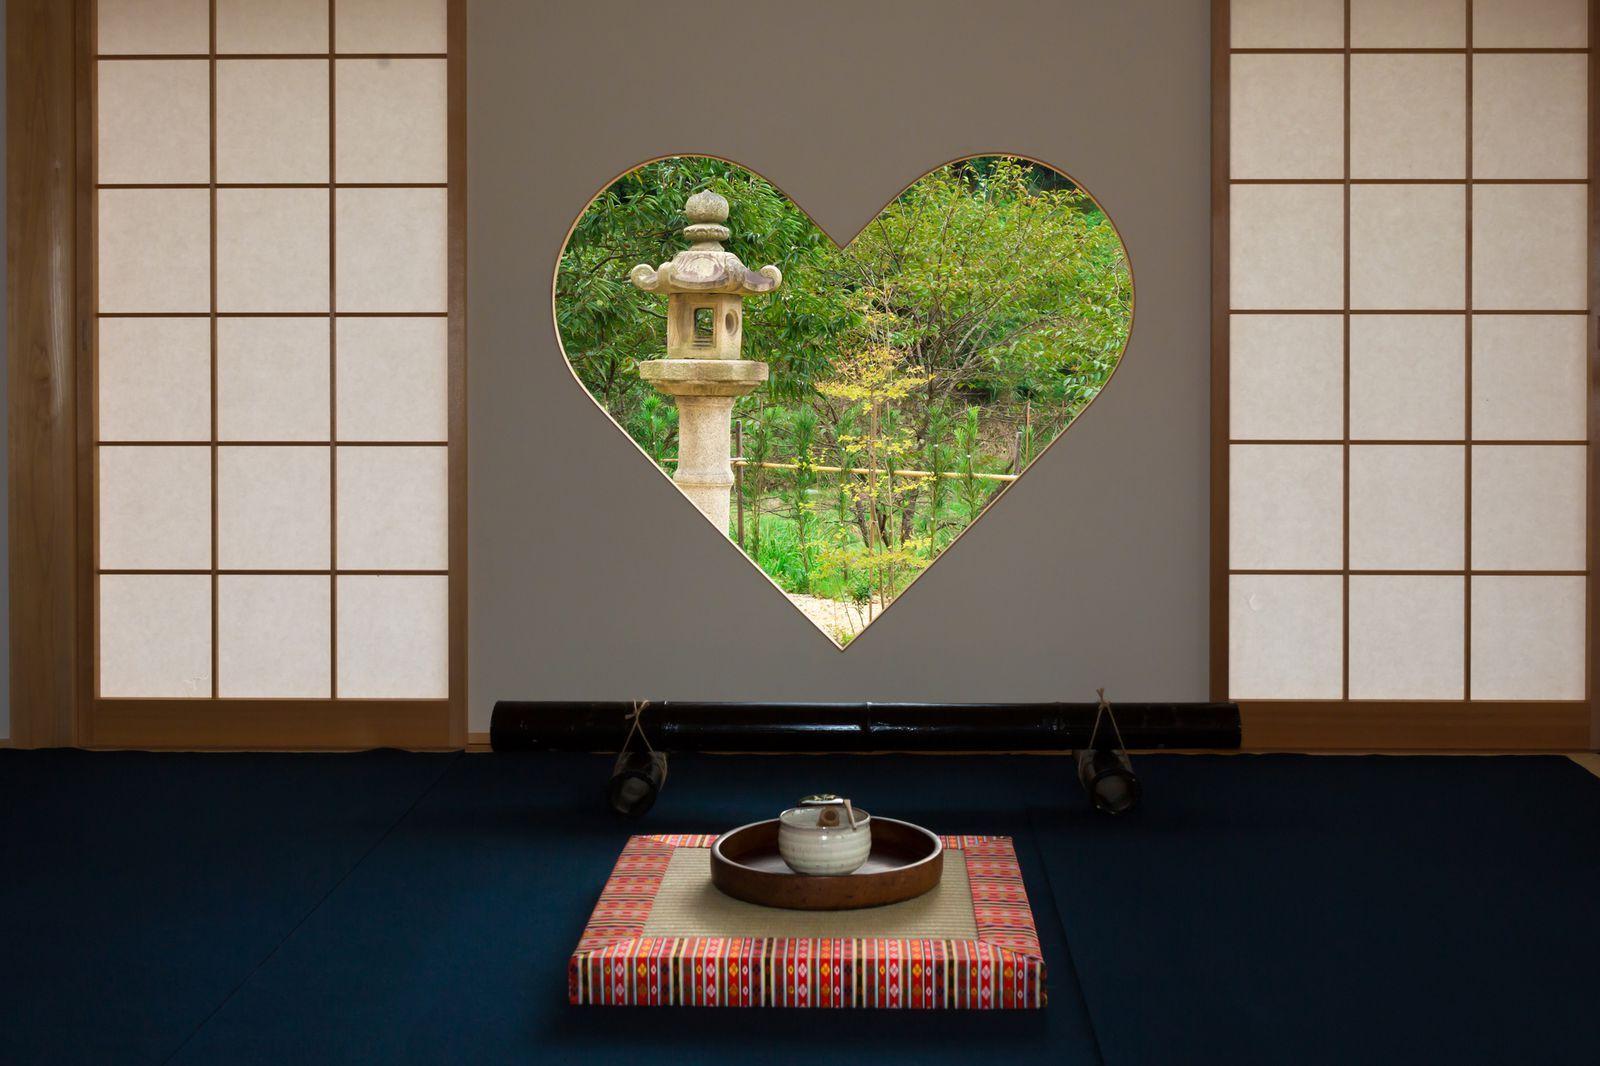 """多くの有名寺院がある京都。王道スポットや最新スポットは人気ですが、最近じわじわ話題を集めているのが、""""窓が印象的なスポット""""です。フォトジェニックで心落ち着く""""窓""""が印象的な光景。窓と窓から見える景色が一体となった美しい寺院を7つご紹介します。"""